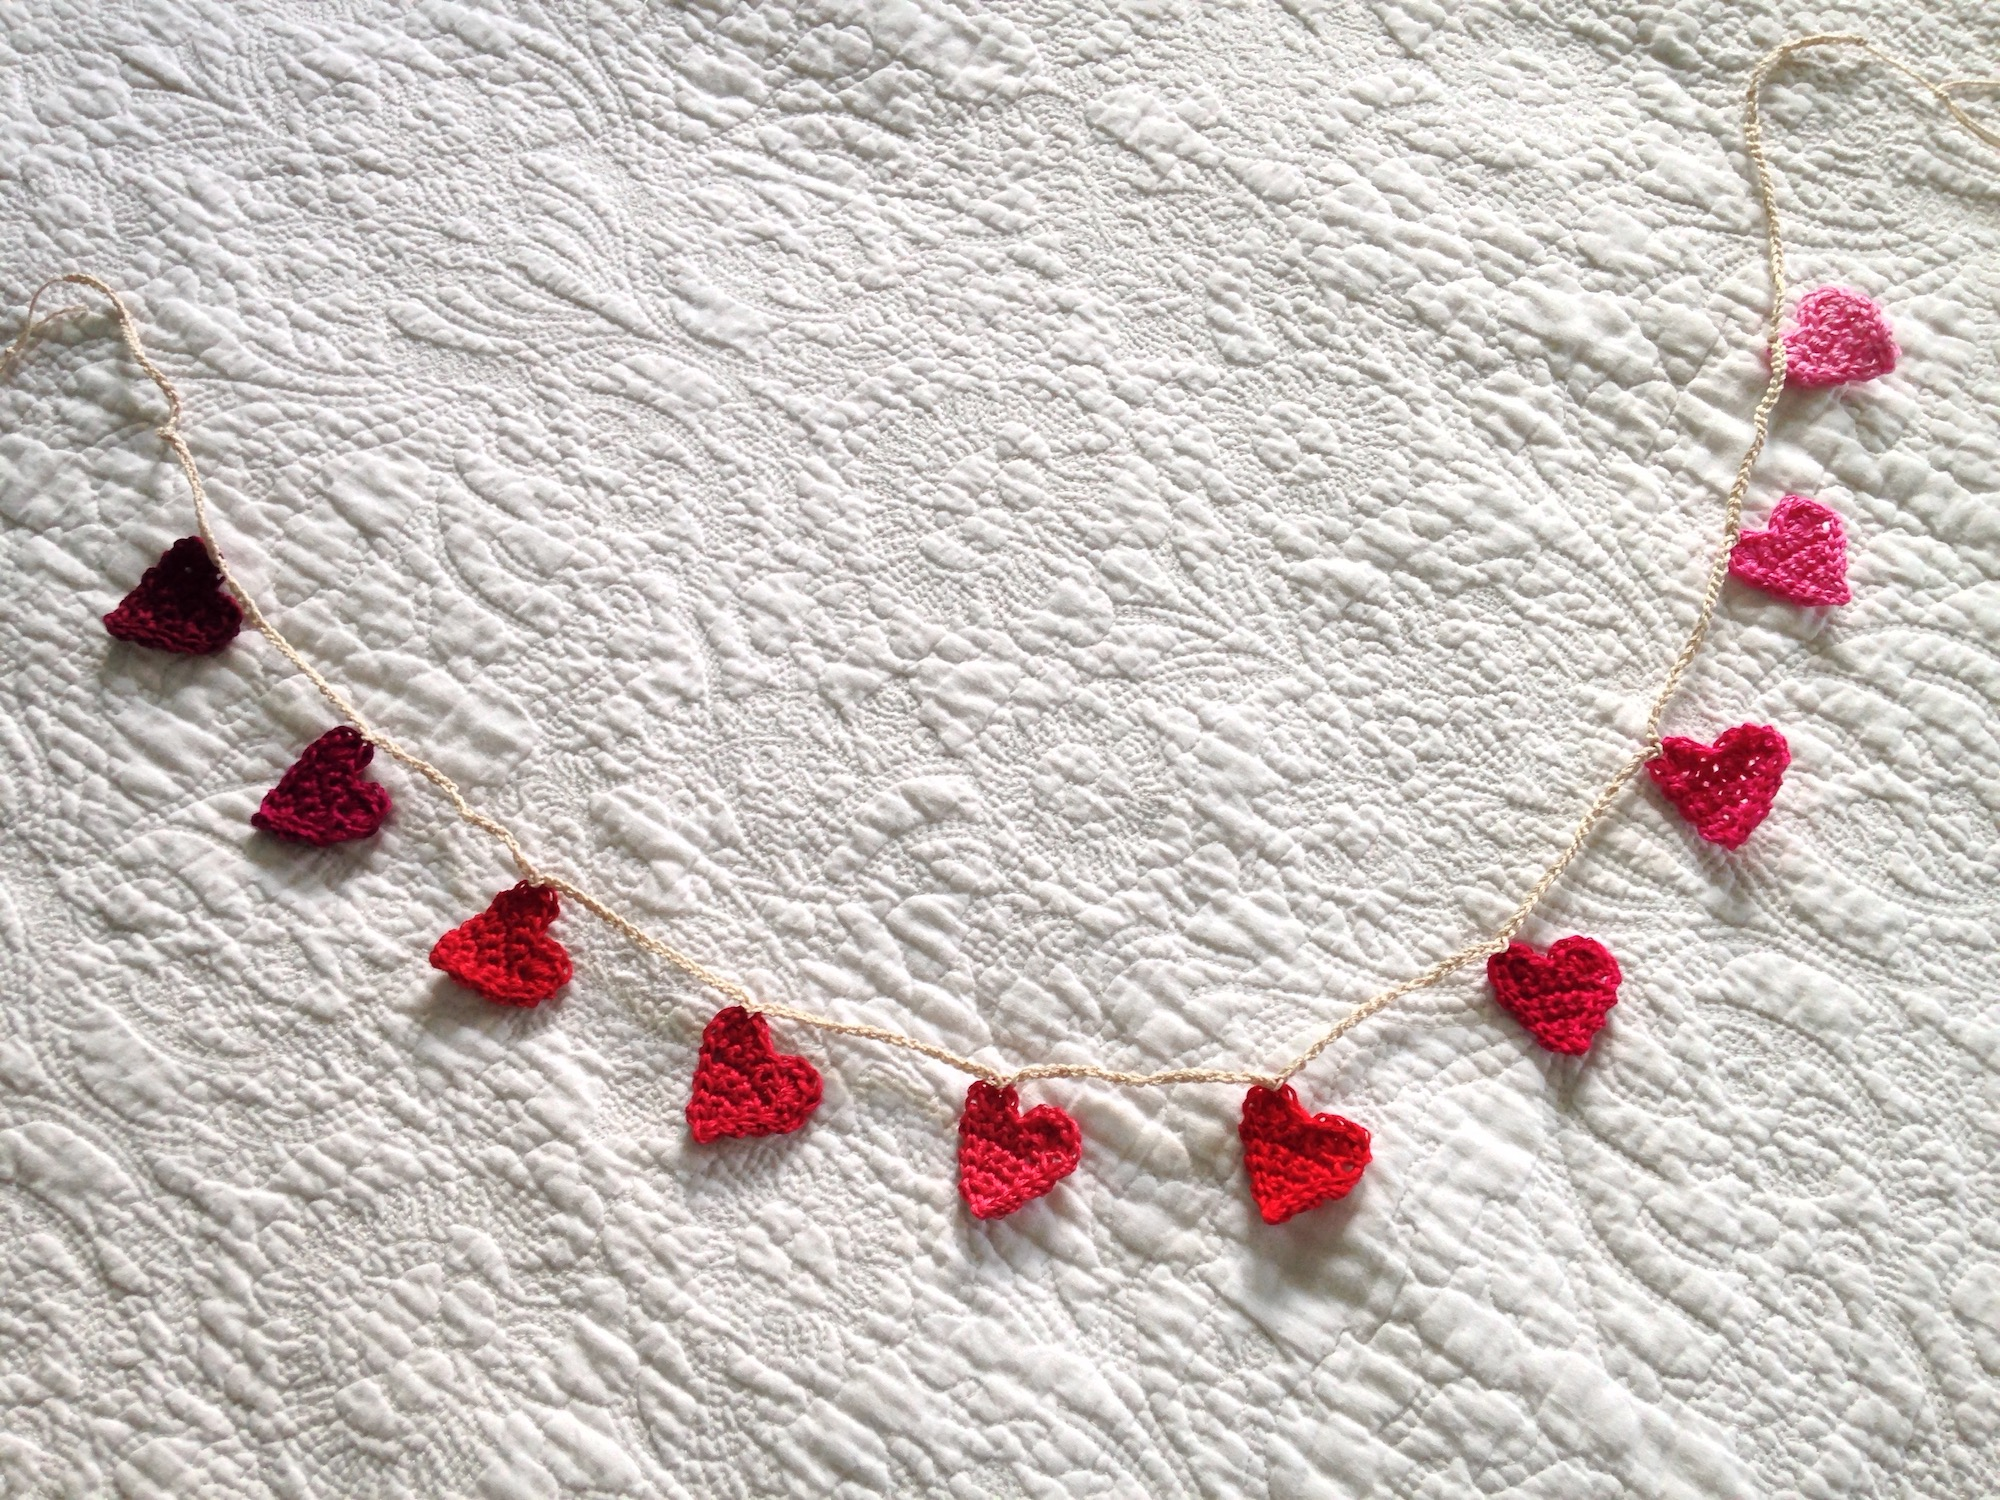 Tiny crocheted heart garland.